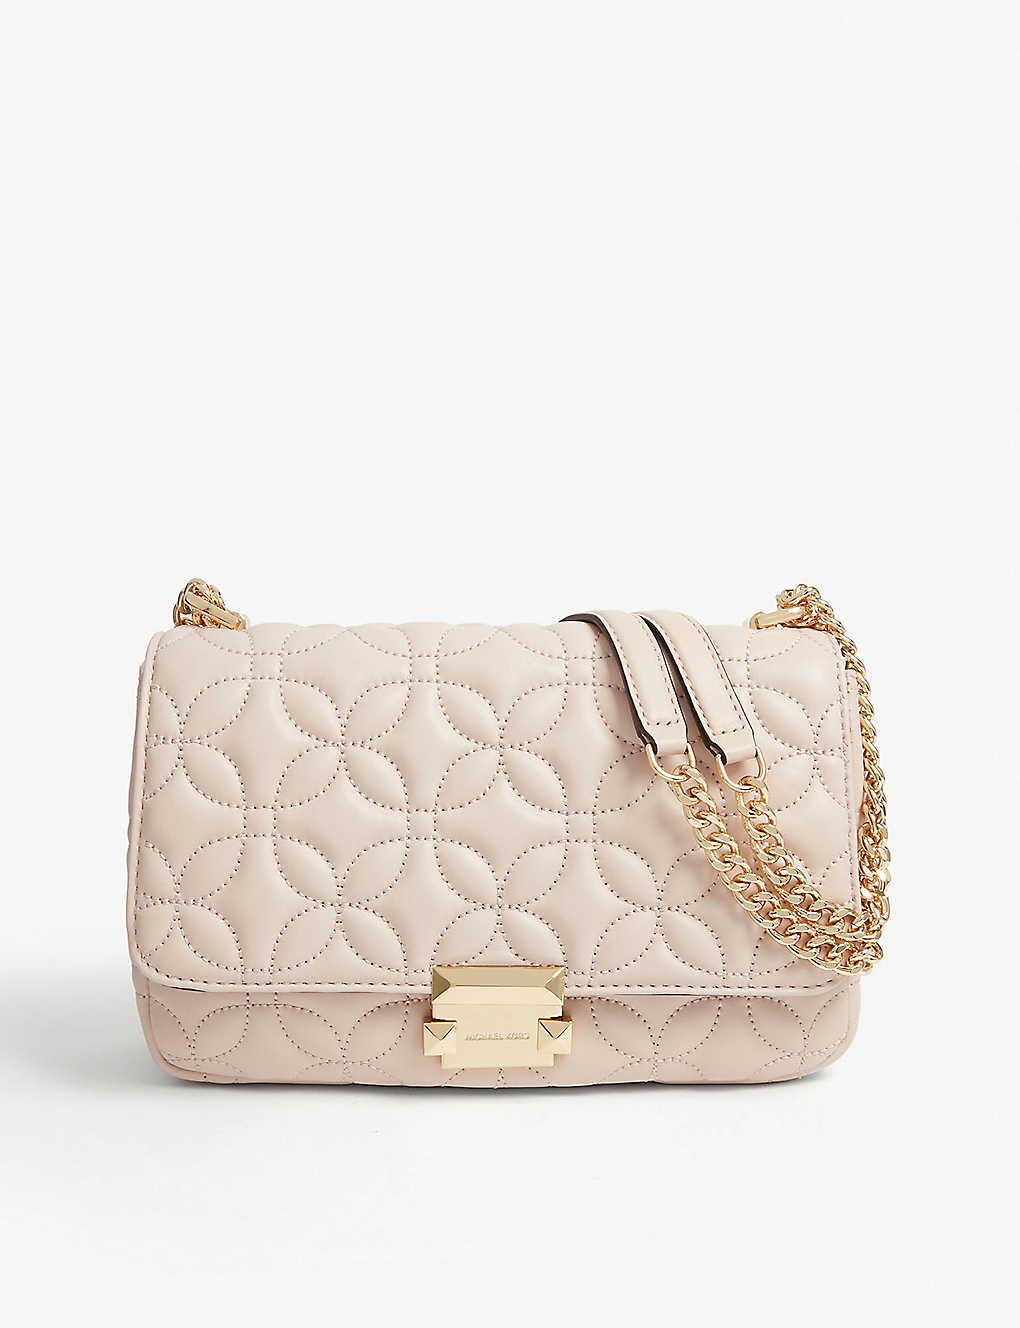 f0cbd974366a MICHAEL MICHAEL KORS - Sloan floral-embossed leather shoulder bag ...